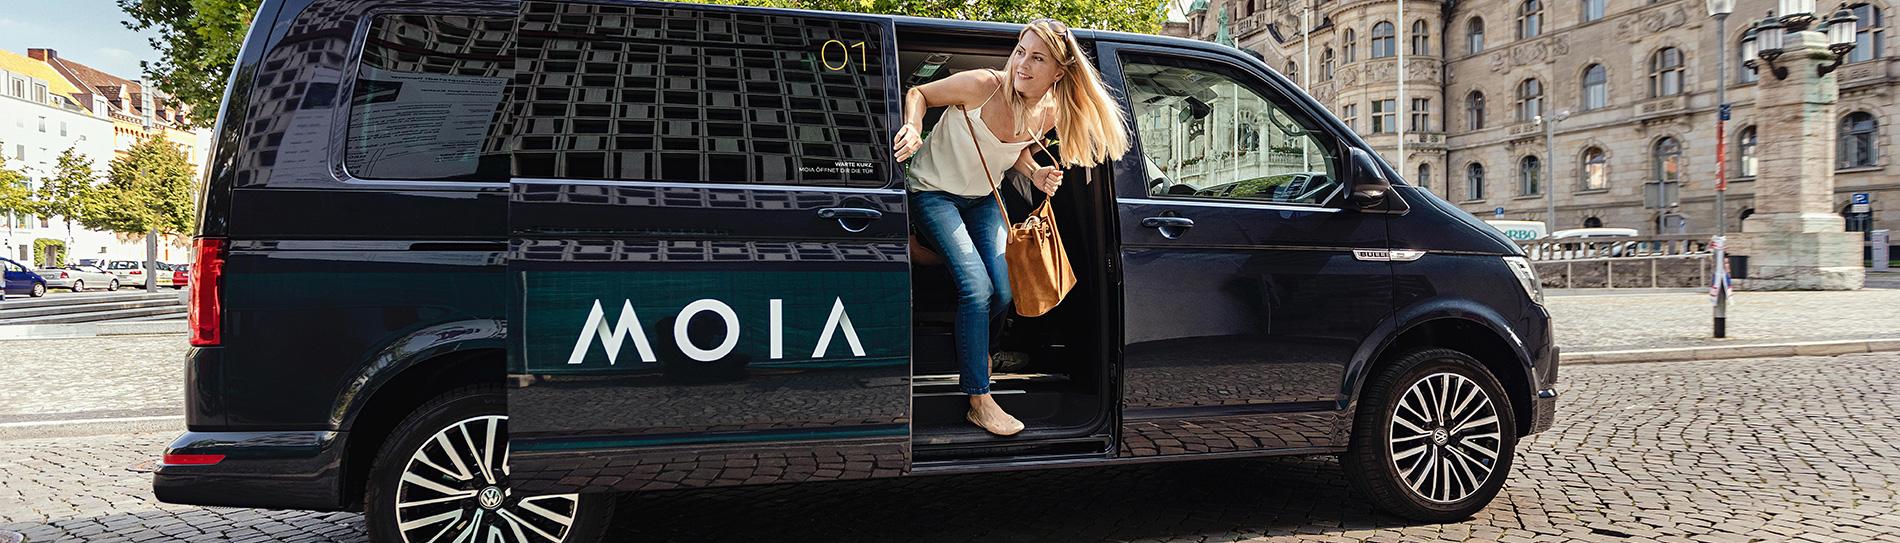 MOIA, el servicio de viajes compartidos del Grupo Volkswagen comenzó hoy sus operaciones